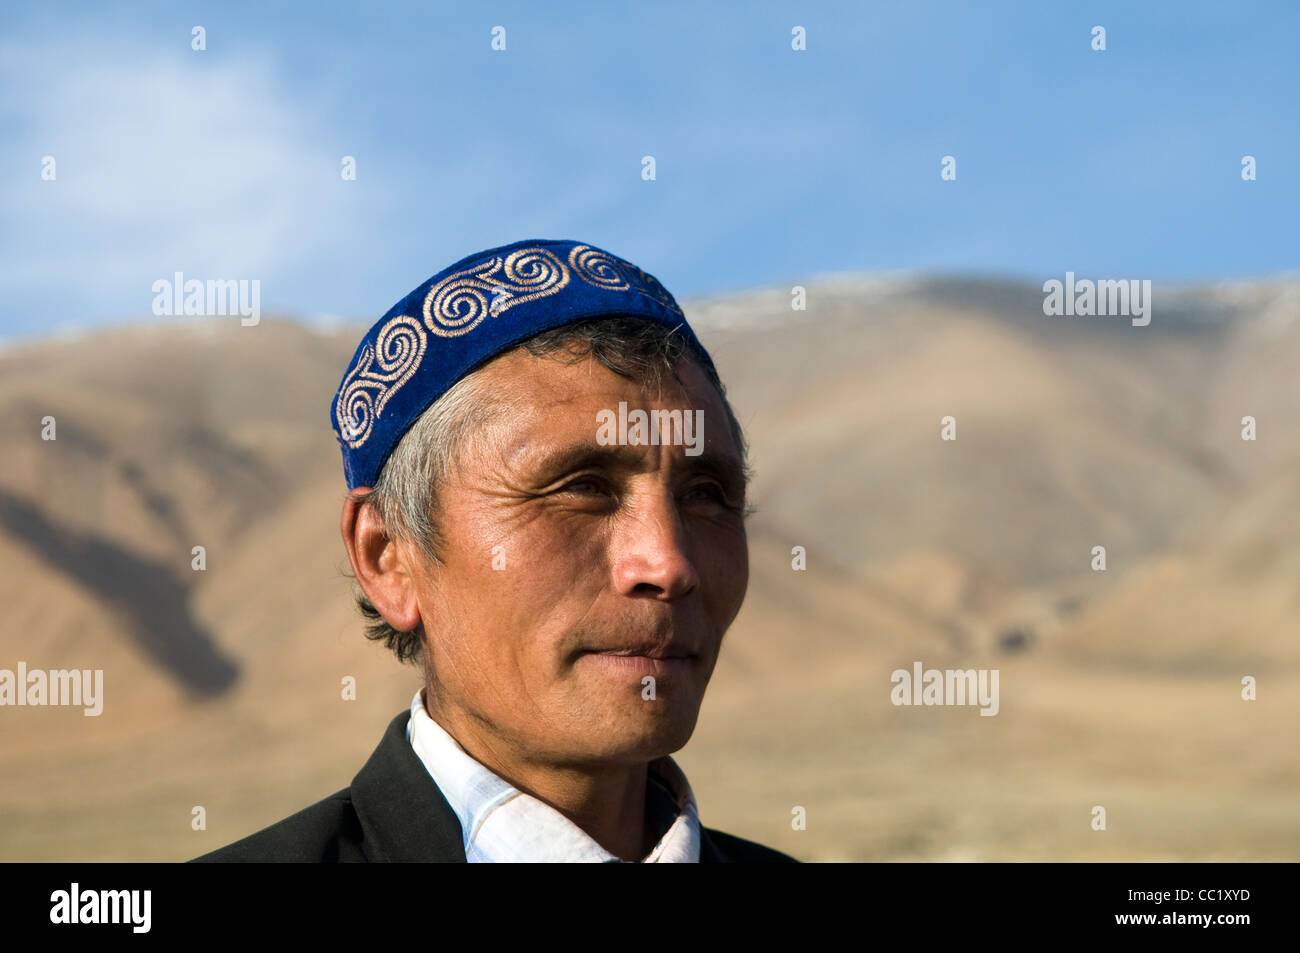 Porträt eines kasachischen einen traditionellen kasachischen Hut Stockfoto, Bild: 41839713 - Alamy